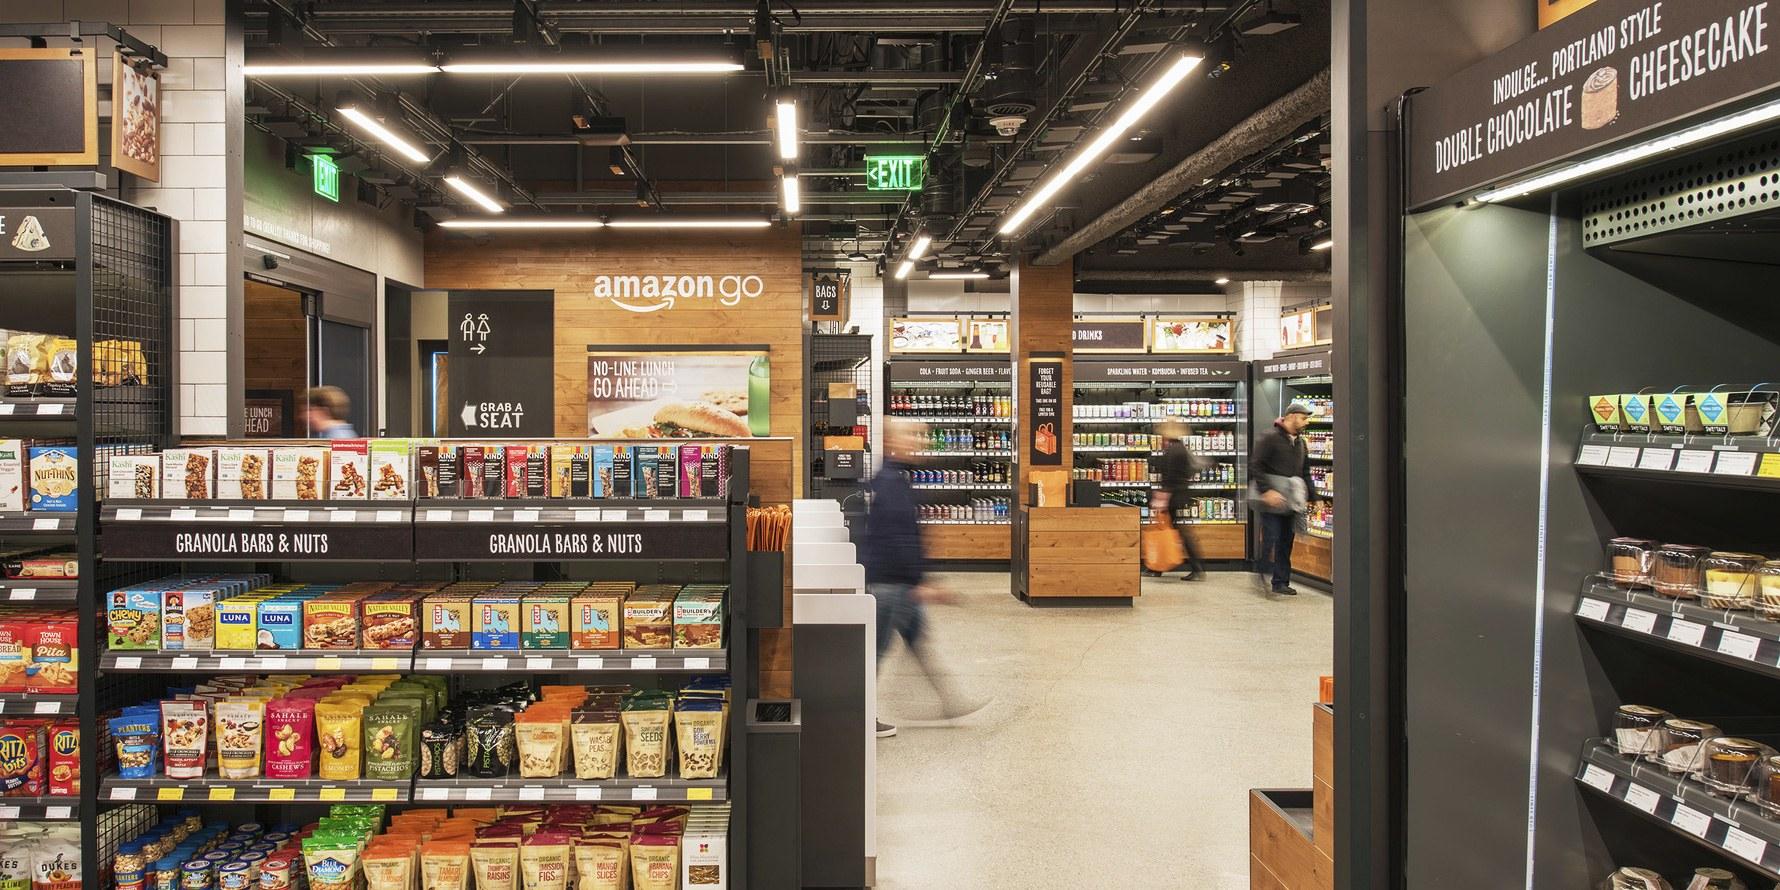 Почему города сопротивляются внедрению Amazon Go, первых магазинов без касс - 2